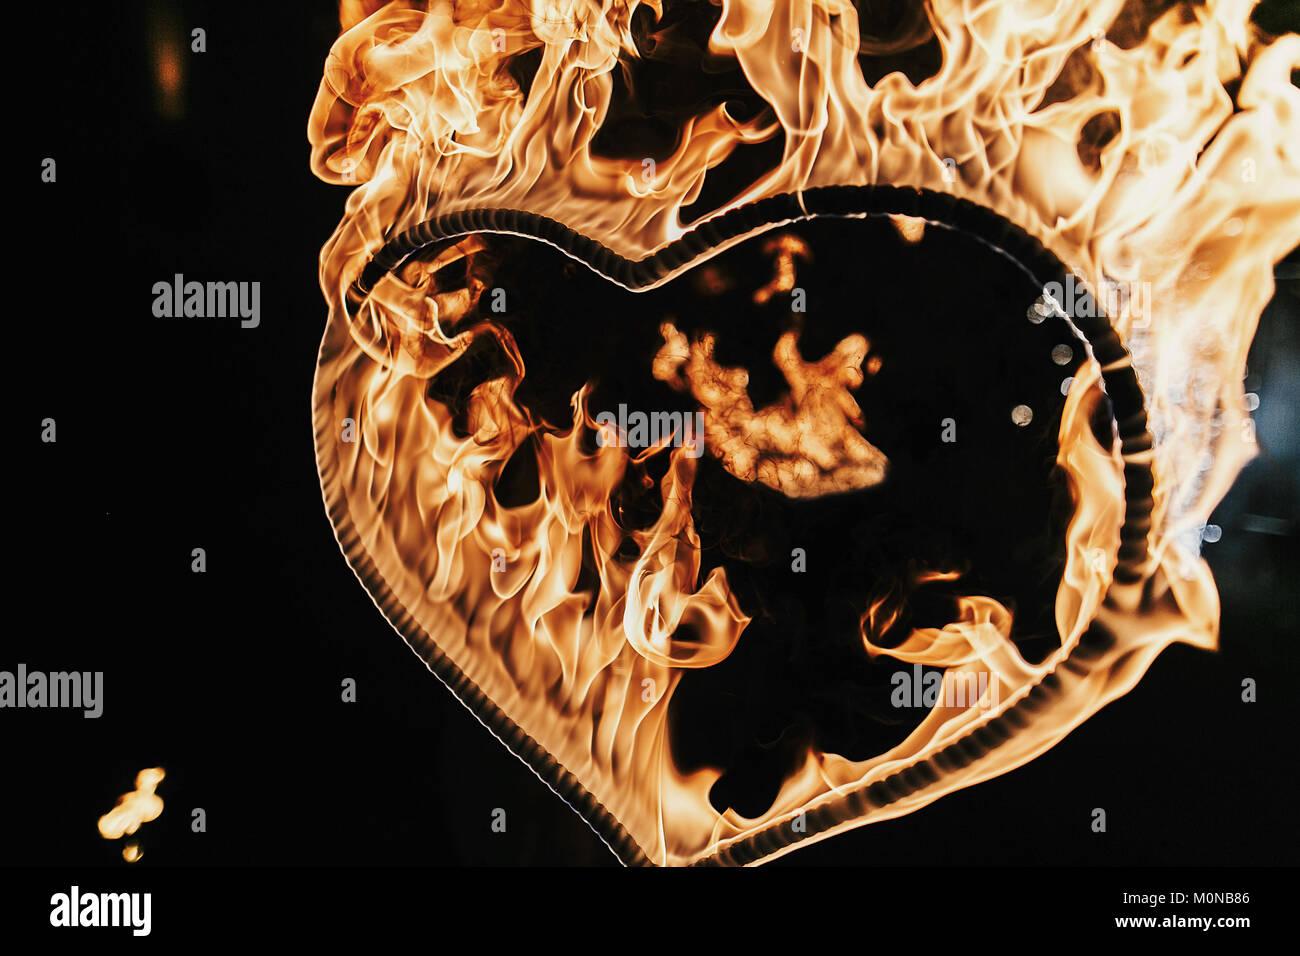 A forma di cuore ad fuochi d' artificio su sfondo nero, incendio mostrano nella notte. Buon San Valentino card. Bengala a fuoco che arde nel cuore. spazio per il testo. il matrimonio o valen Foto Stock